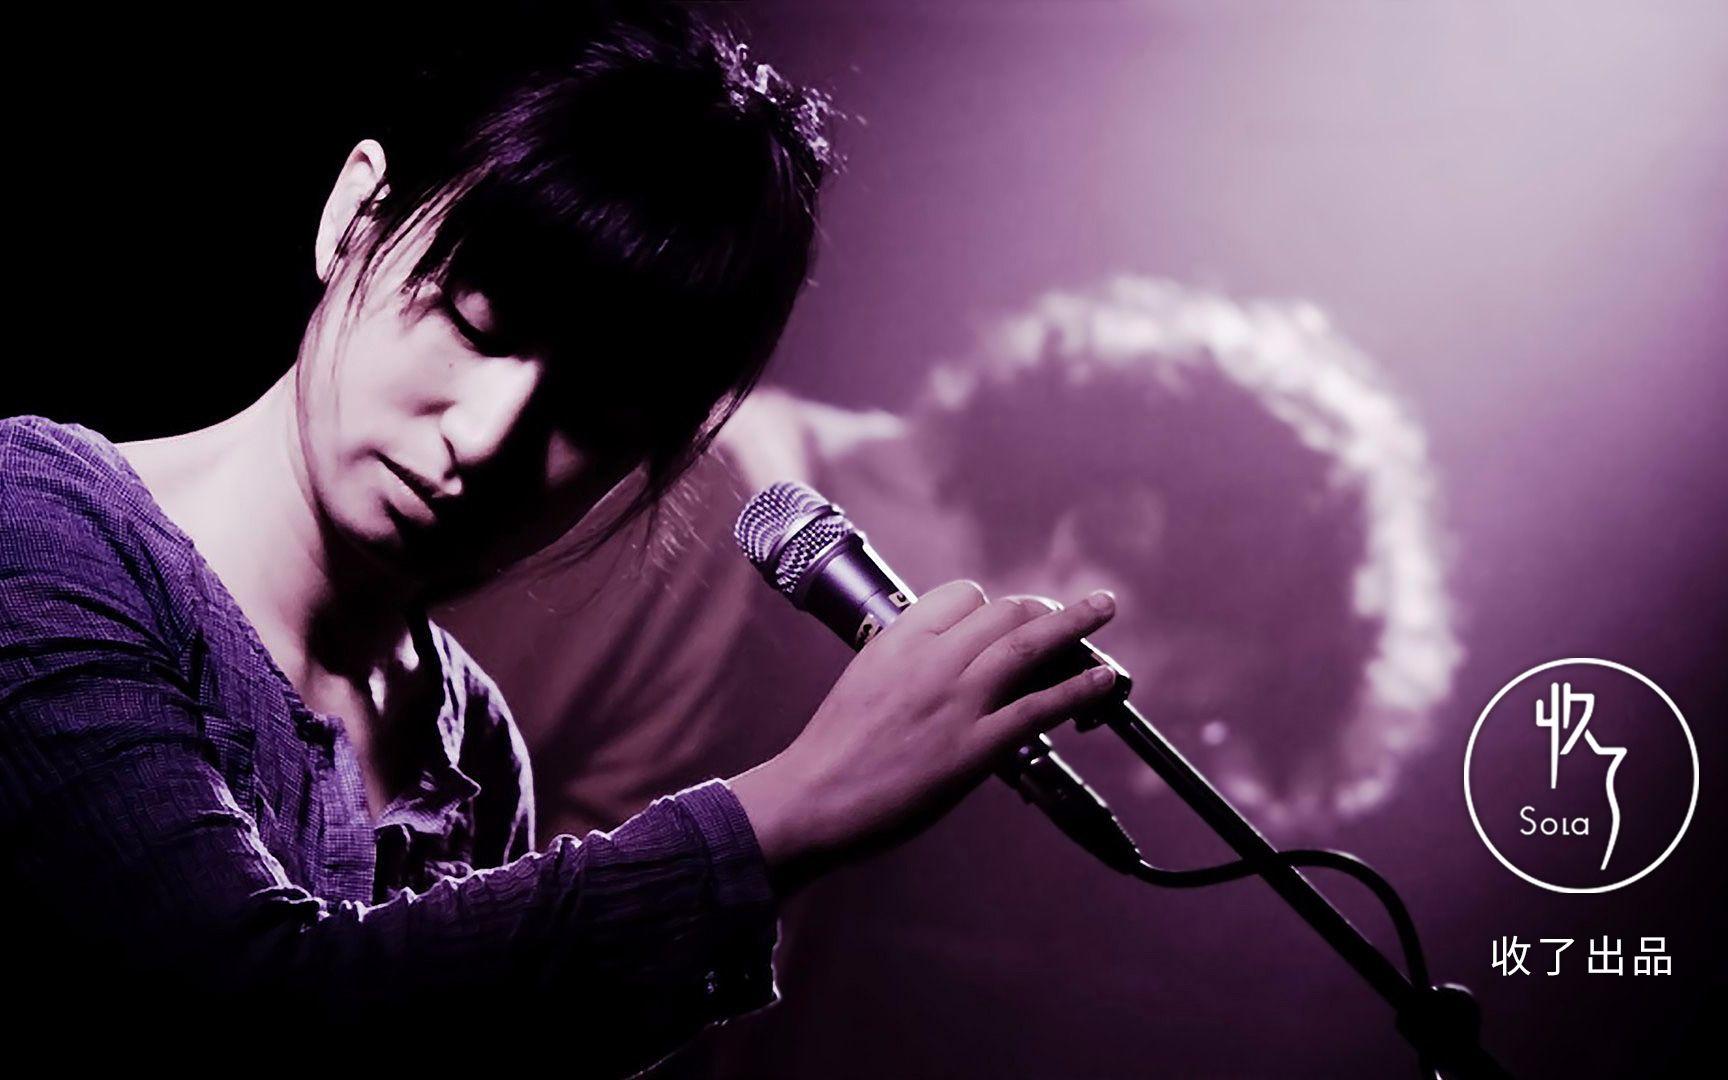 做梦梦见从未听过的歌 梦见从未听过的歌《离别的心情》